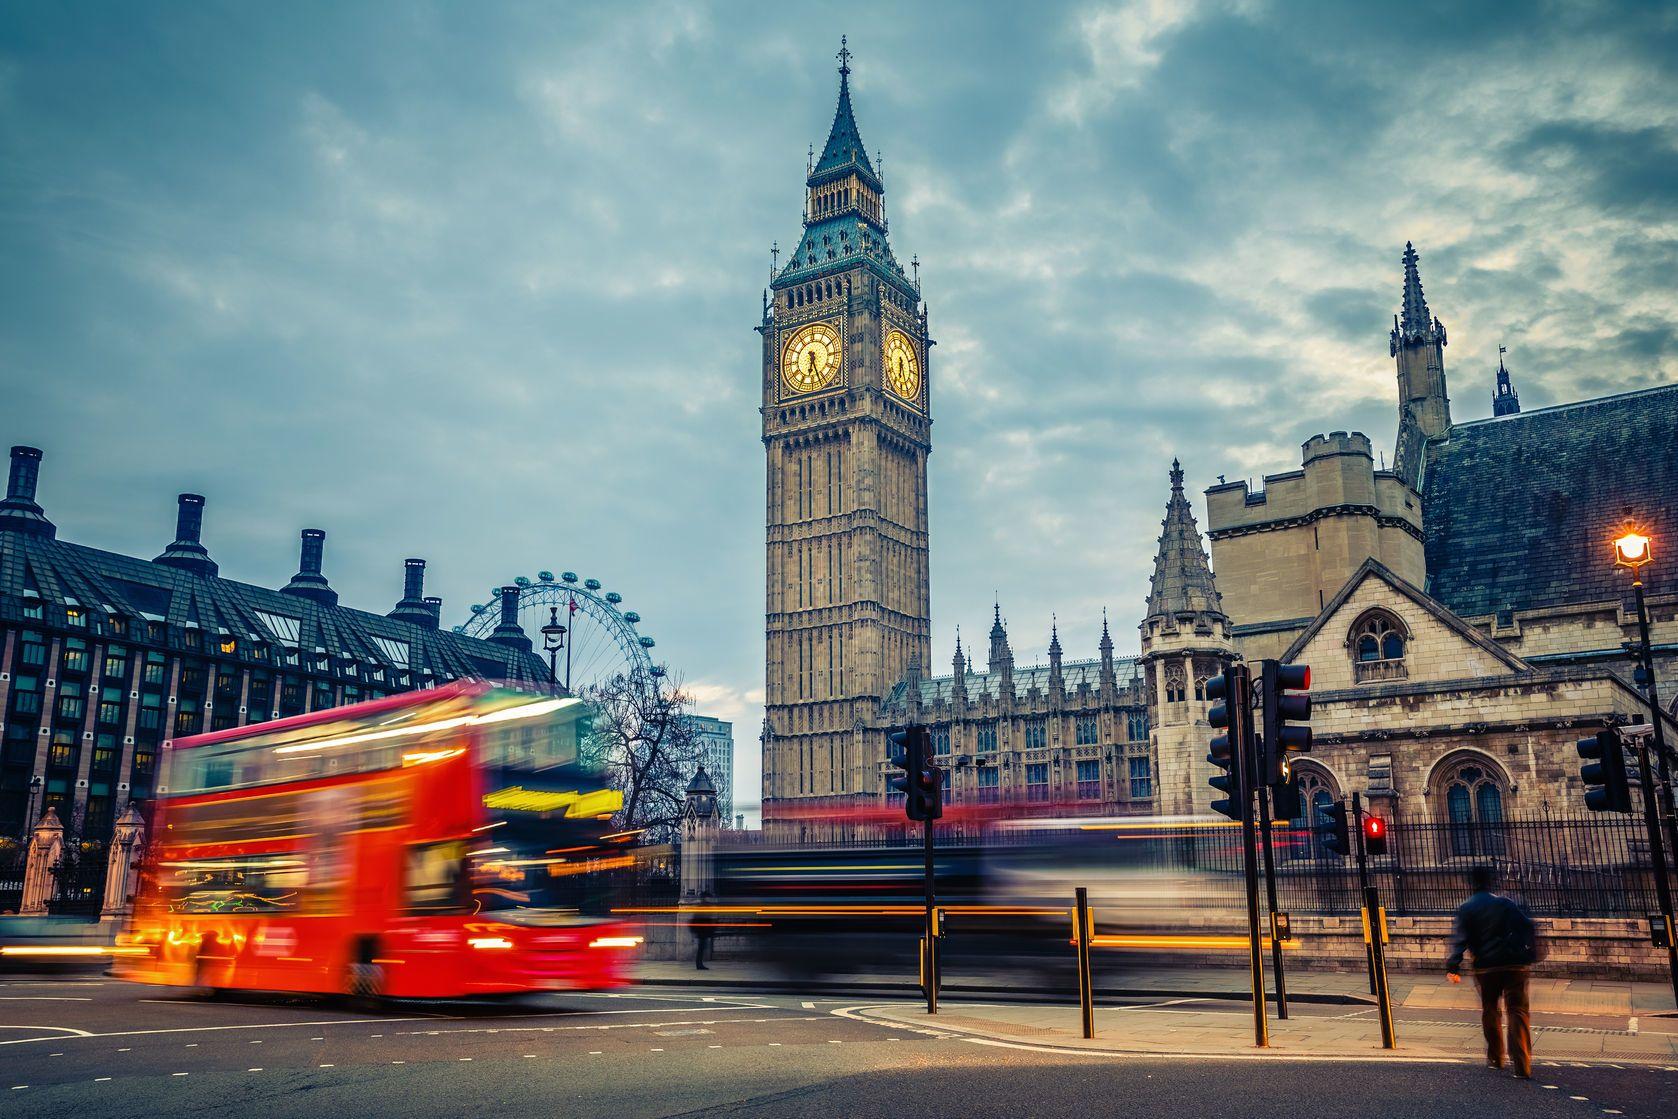 Londýn v časných ranních hodinách | sborisov/123RF.com